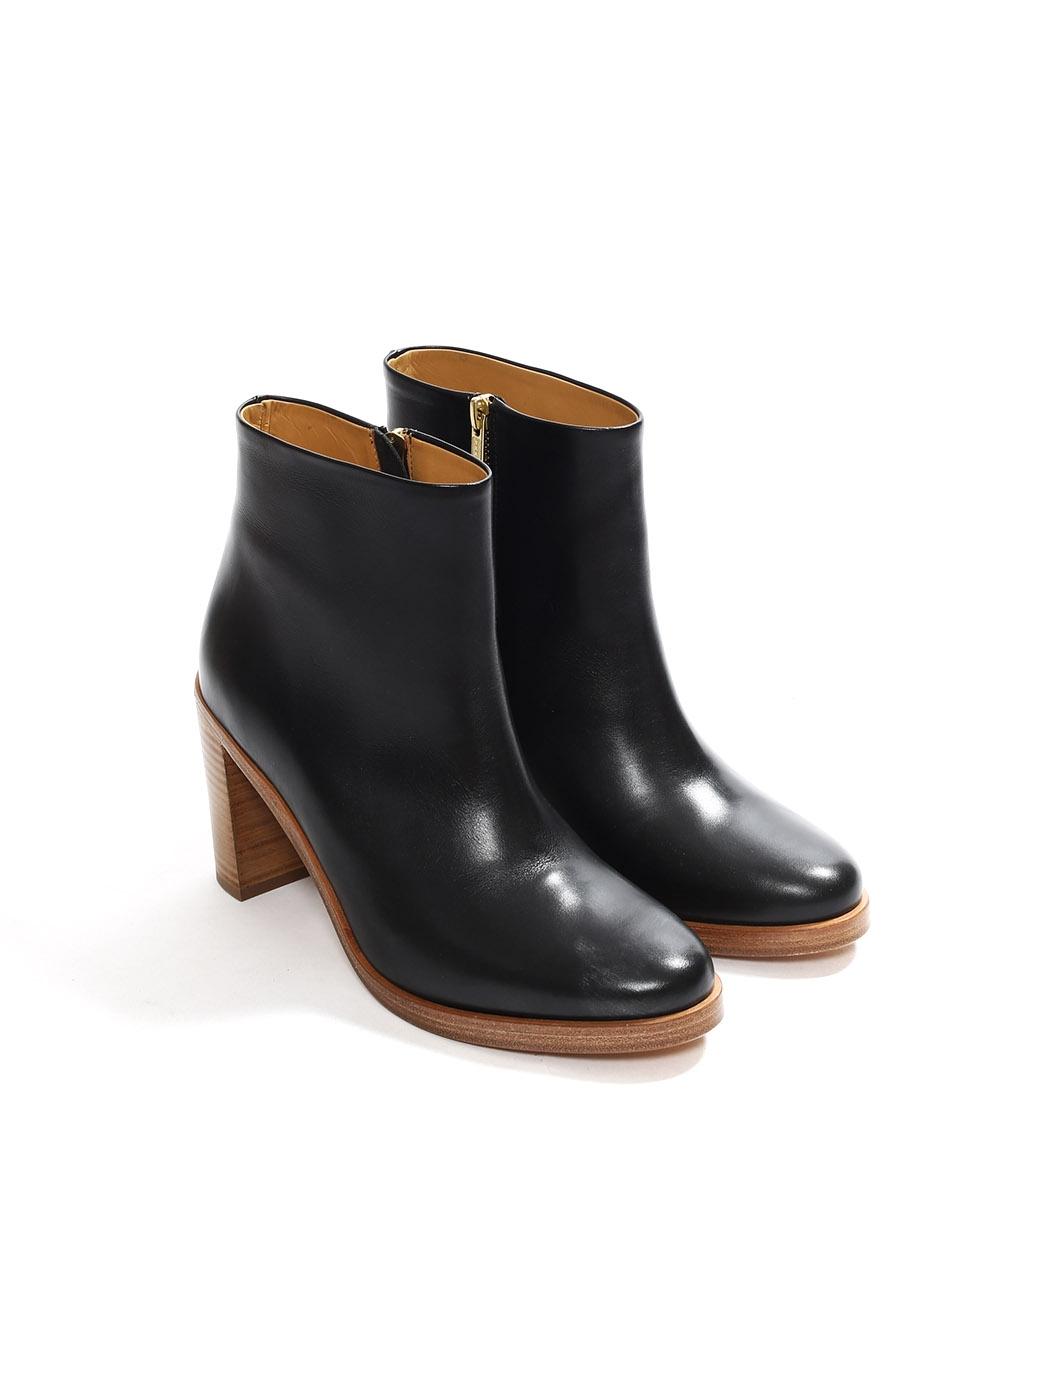 Chic Paris cuir à en APC Bottines talon noir Louise boots 2IWYEDH9